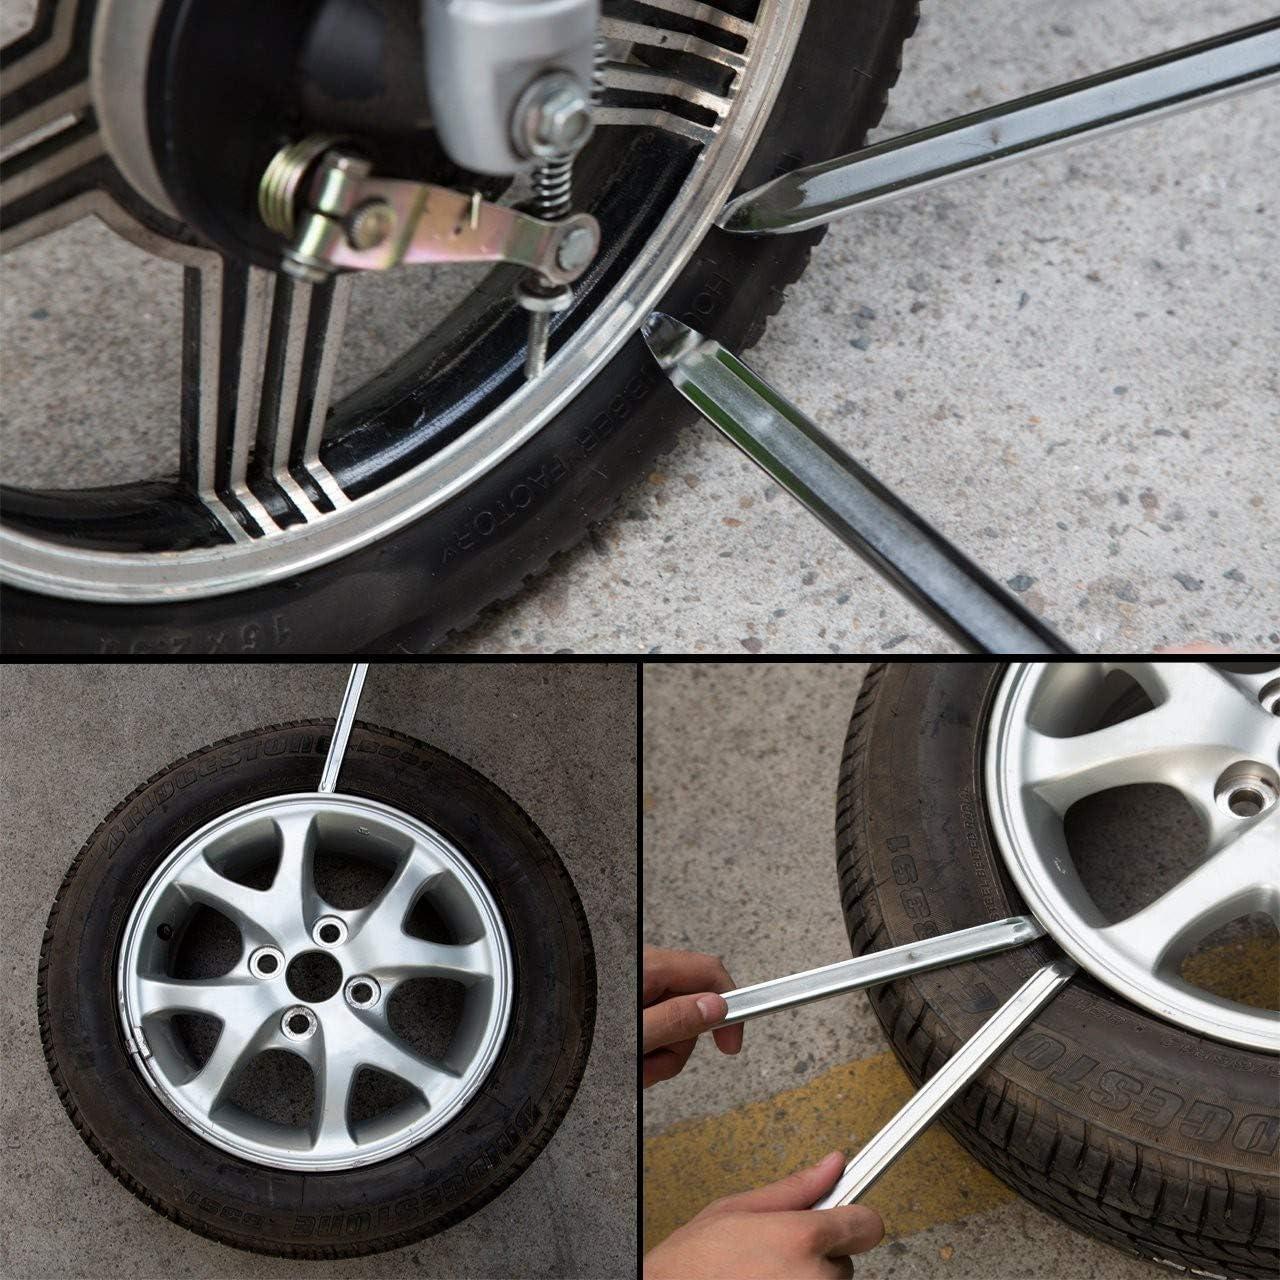 Juego 2 palancas desmontadores de neumaticos 450mm furgoneta desmontadores coche Desmontable de ruedas de llantas de moto